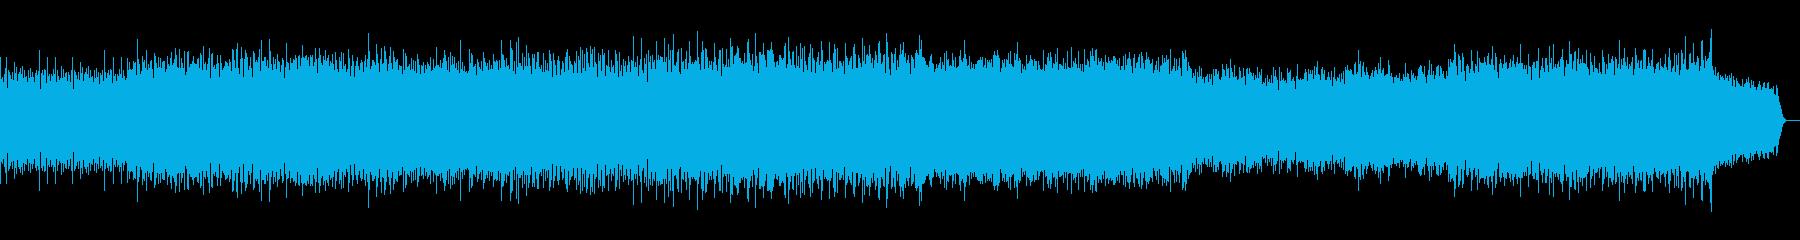 オーケストラとシンセを合わせた壮大な曲の再生済みの波形